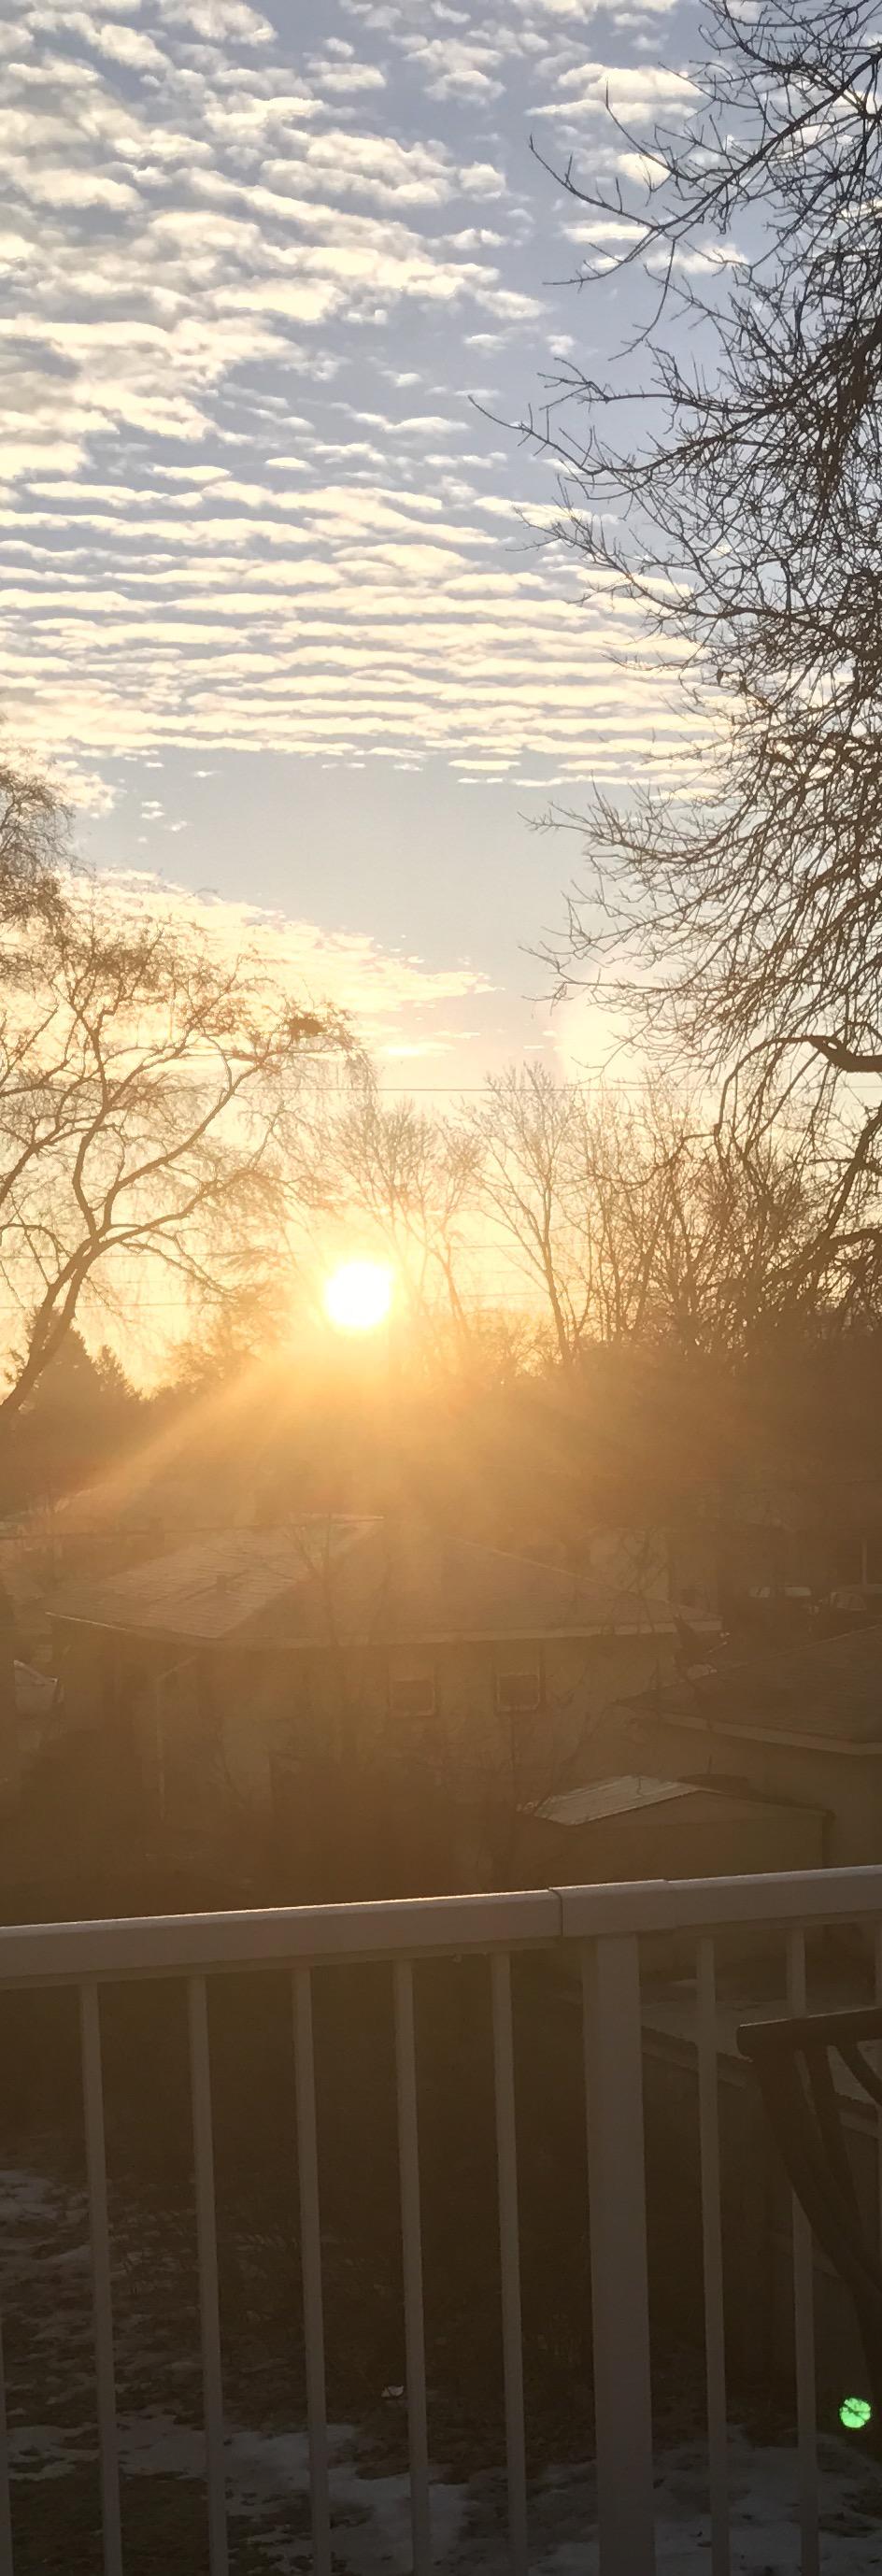 sunrisep